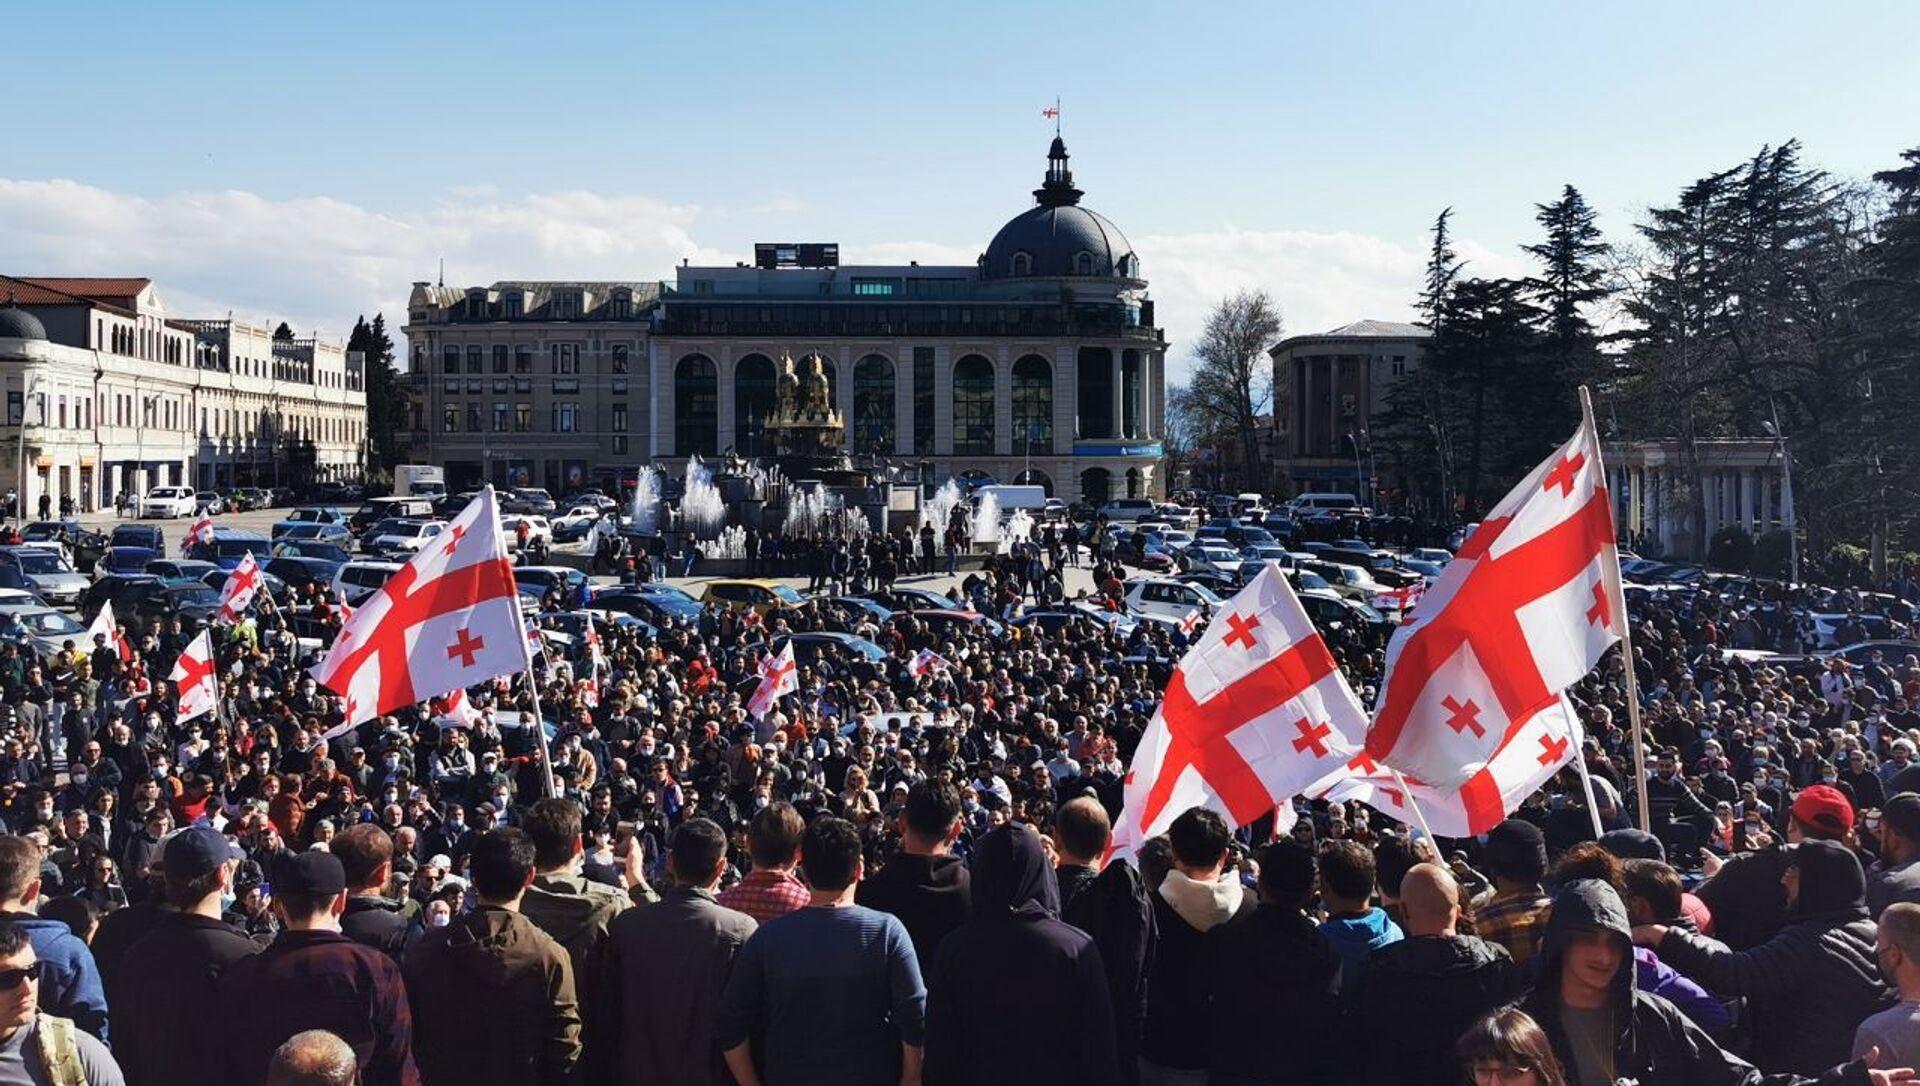 Акция протеста против строительства Намахвани ГЭС в центре города Кутаиси 14 апреля 2021 года - Sputnik Грузия, 1920, 14.04.2021